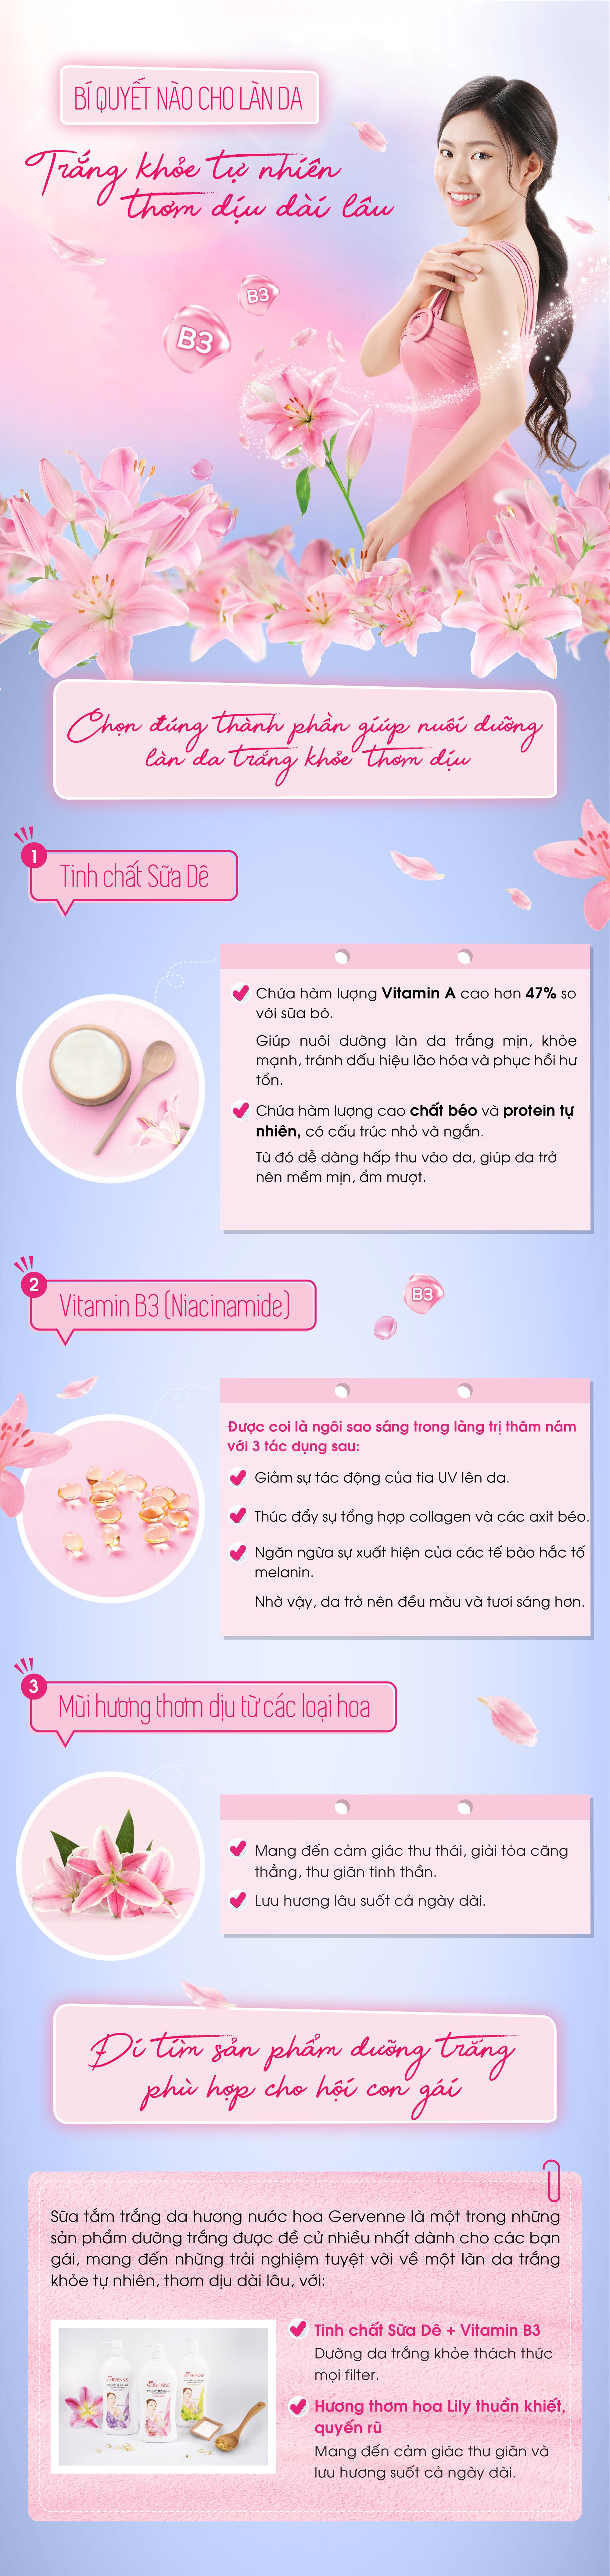 Nắm được những tiêu chí này, hội con gái sẽ dễ dàng chọn được loại sản phẩm dưỡng trắng giúp da trắng khỏe tự nhiên, thơm dịu dài lâu - Ảnh 1.